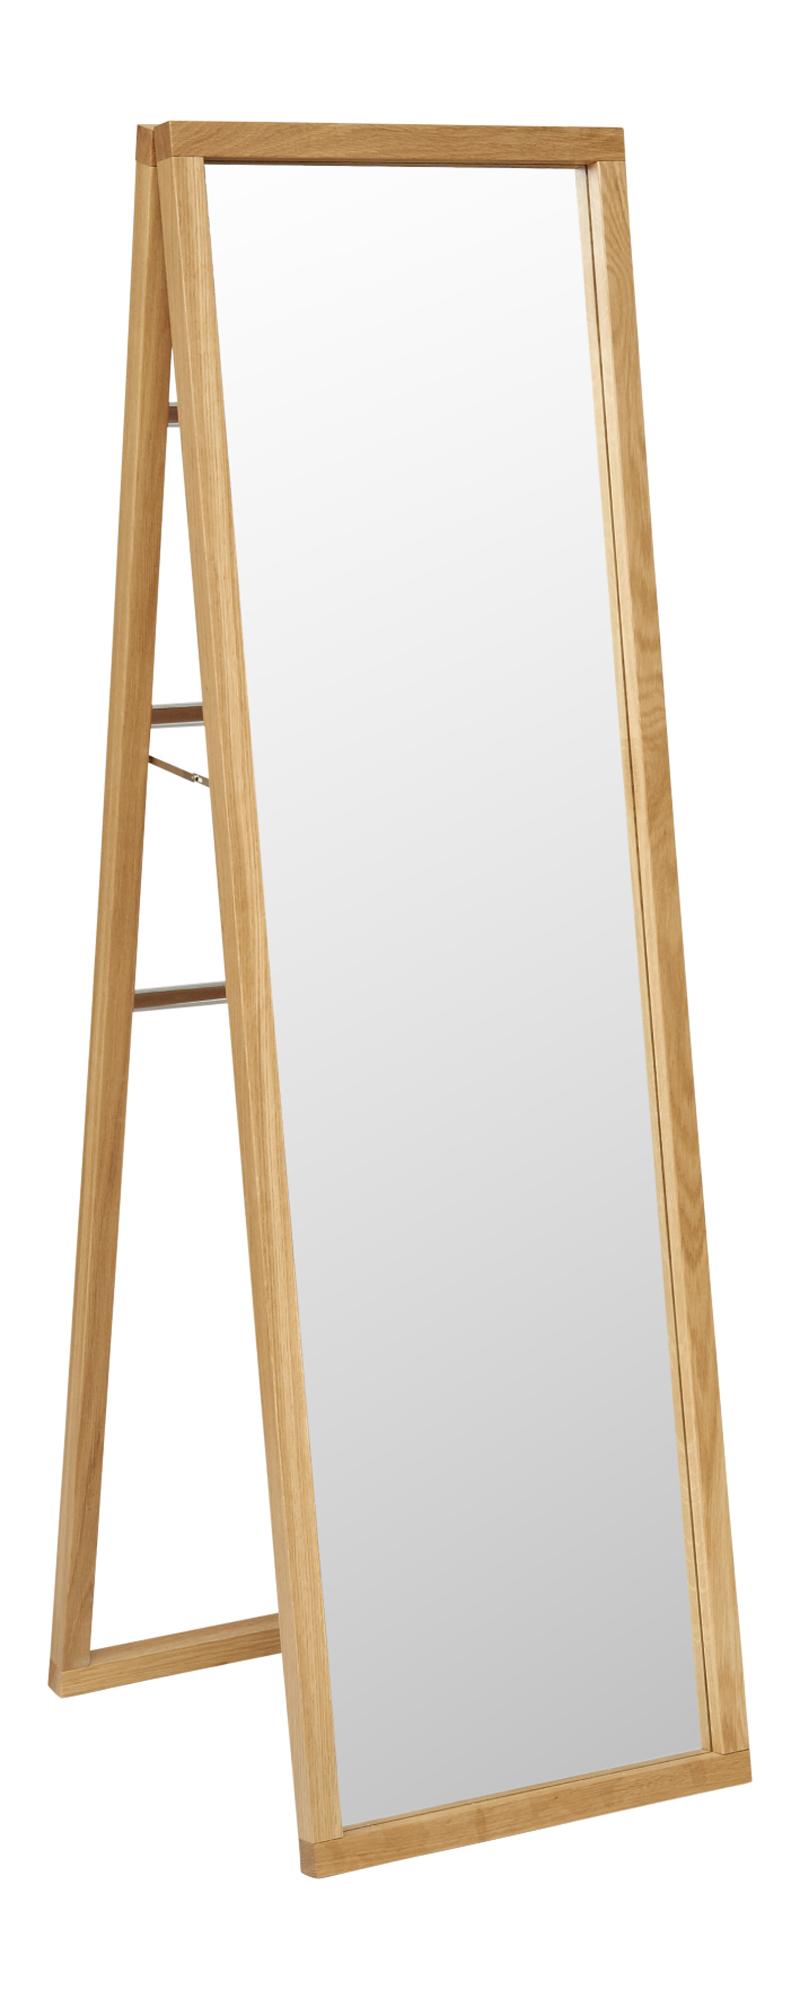 Woodman Woodman - newest spejl - lys træ på unoliving.com